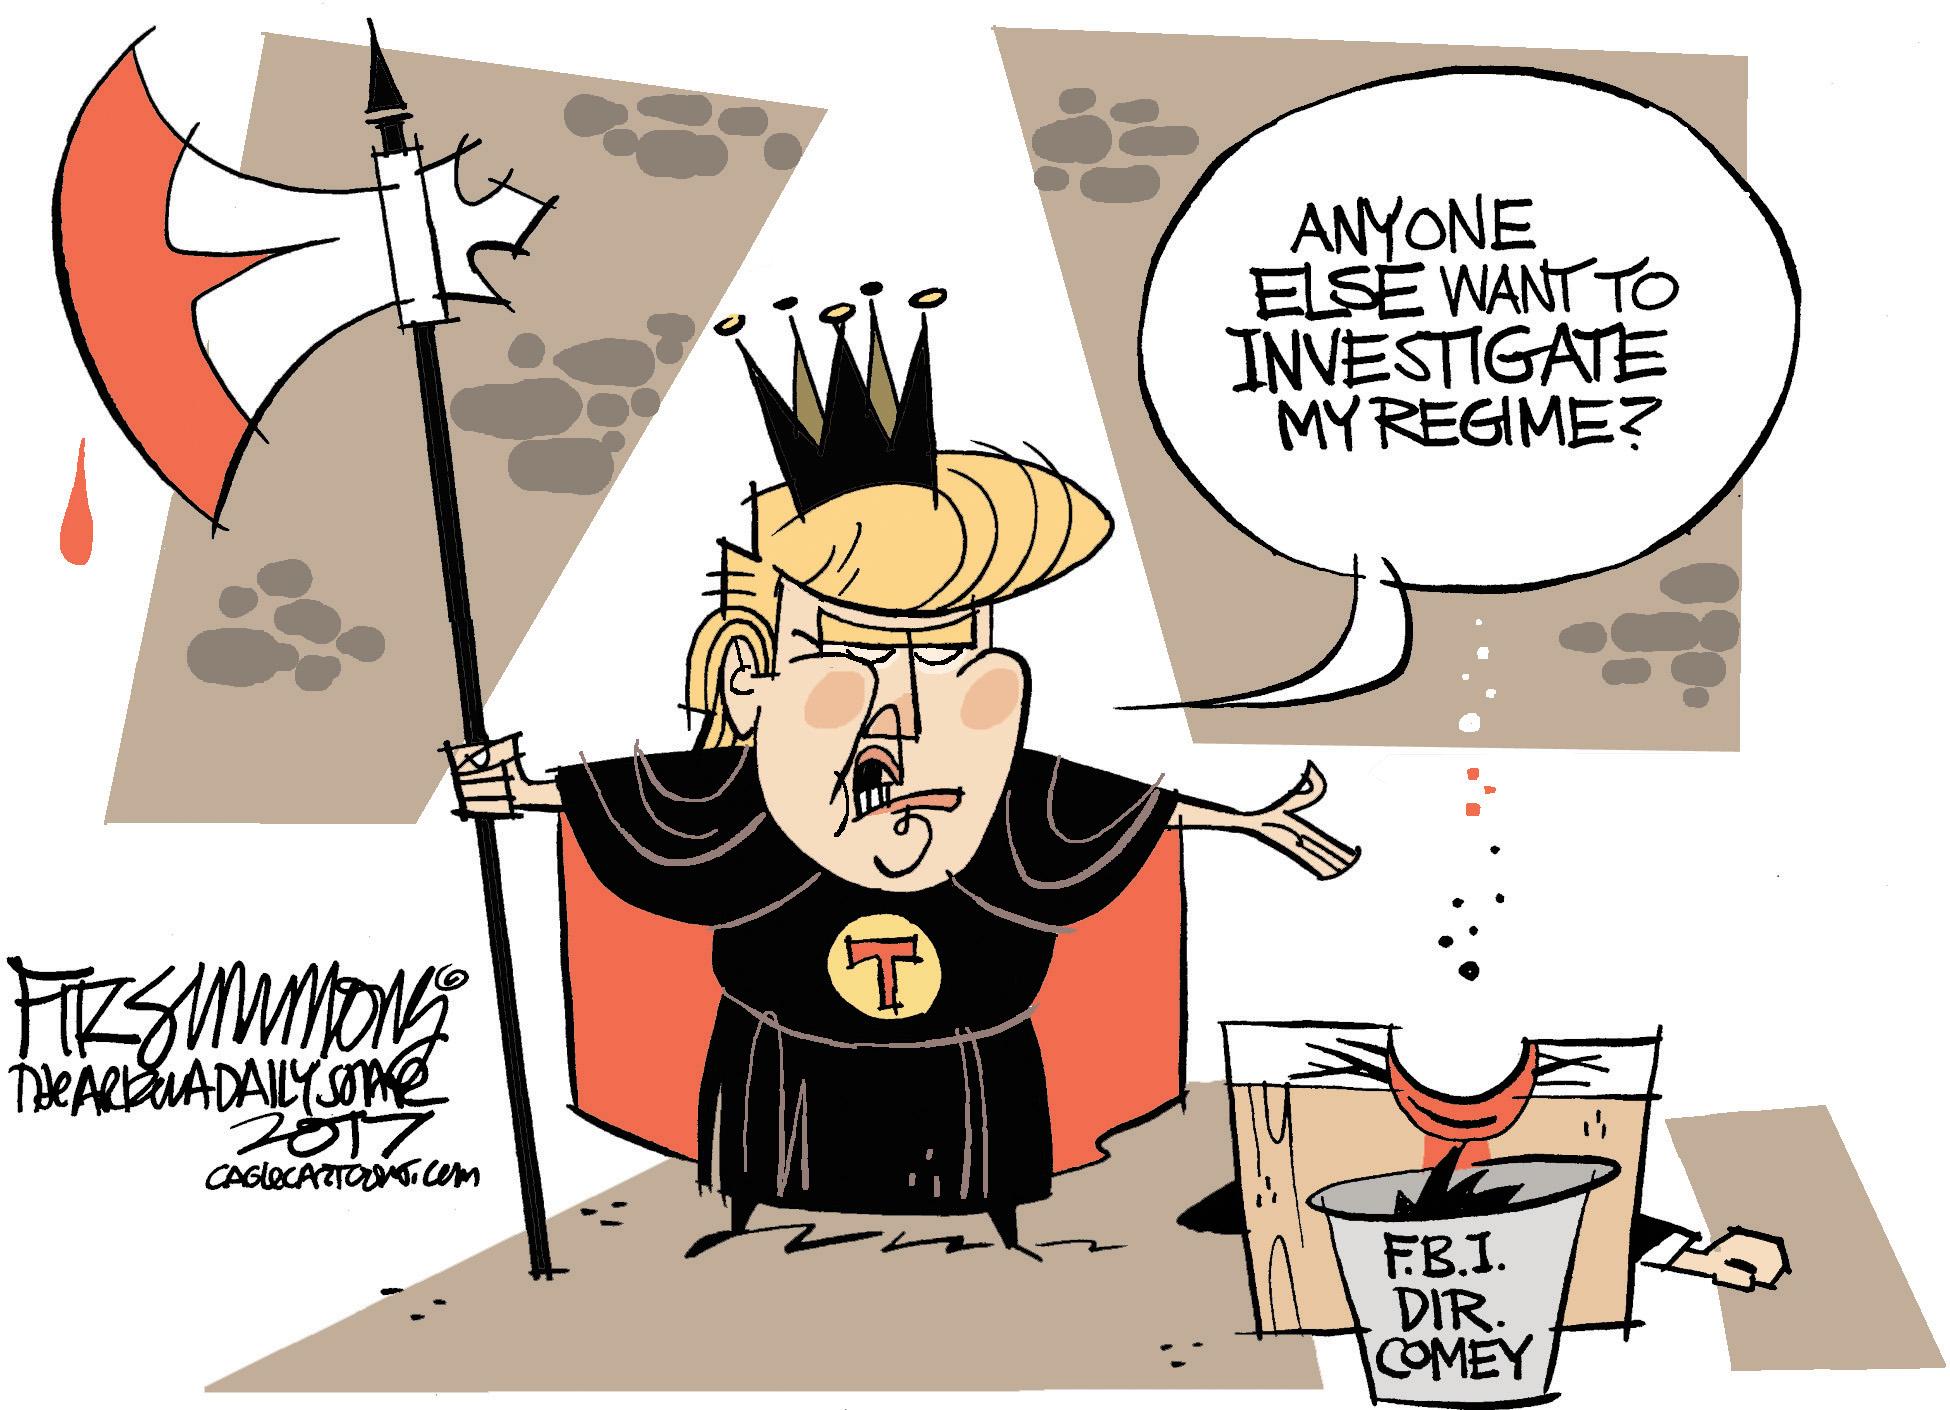 comey-firing-cartoon-fitzsimmons